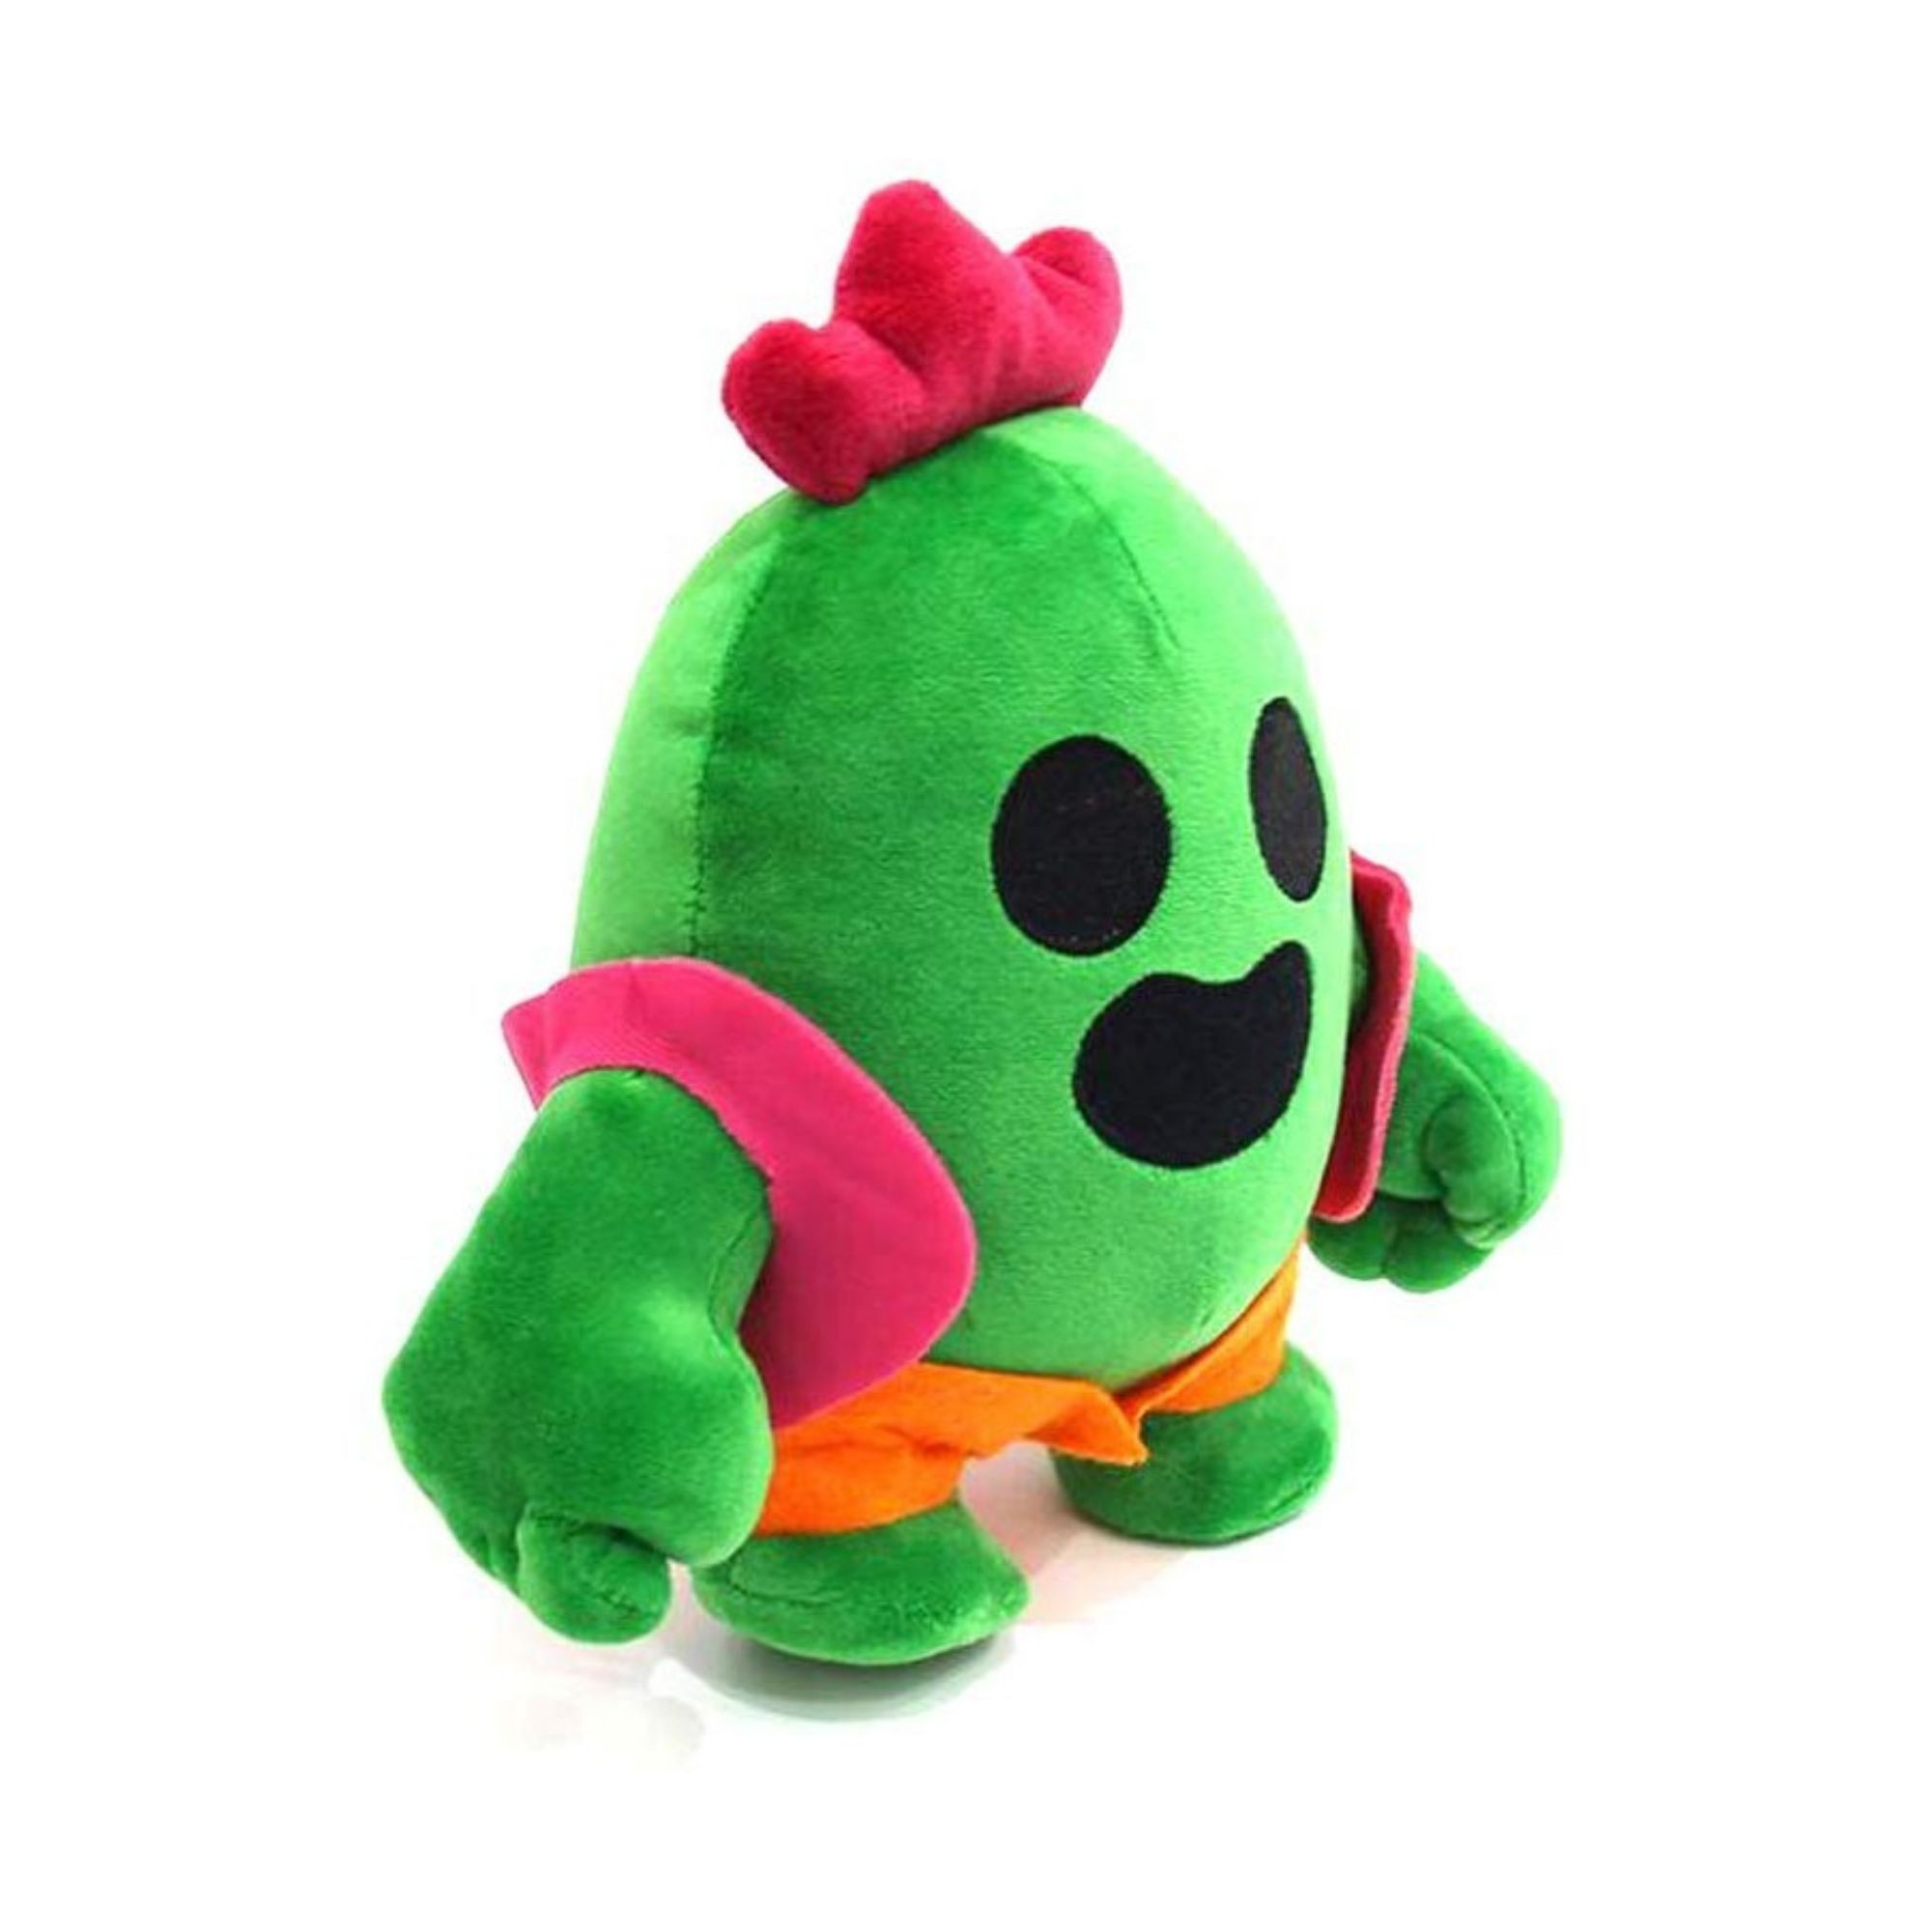 Bicho de Pelúcia Spike do Jogo Brawl Stars  - Game Land Brinquedos